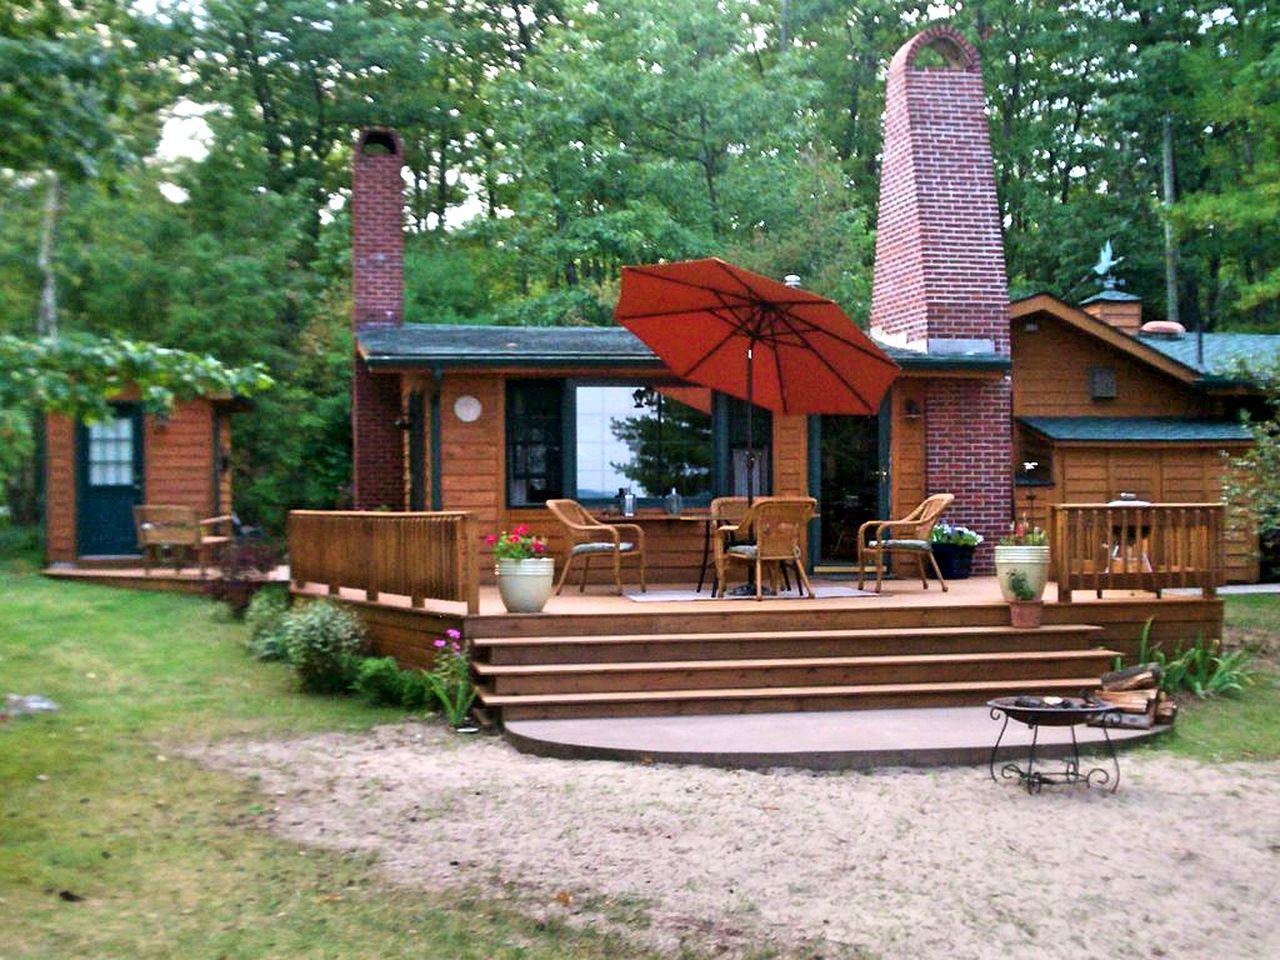 Waterfront Cottage on Lake Huron, Michigan